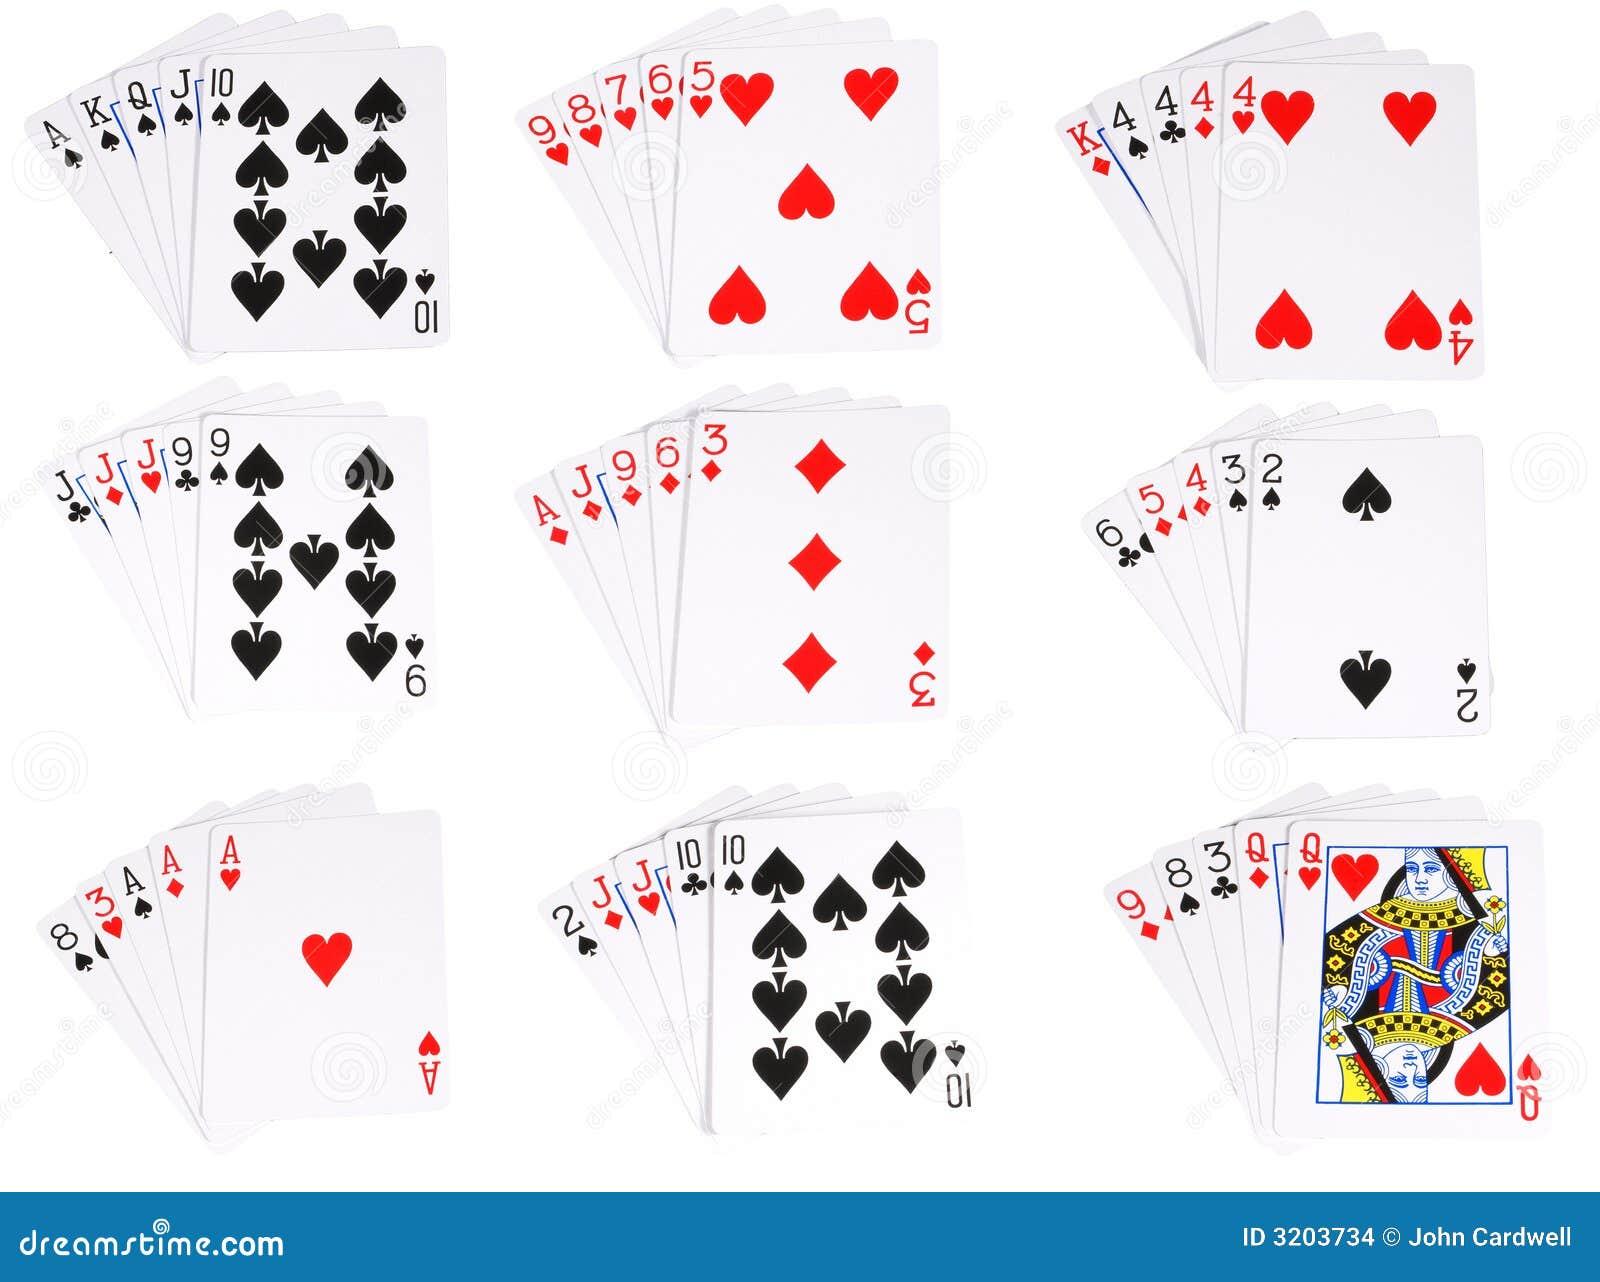 Coolcat casino com manos de poker-968654